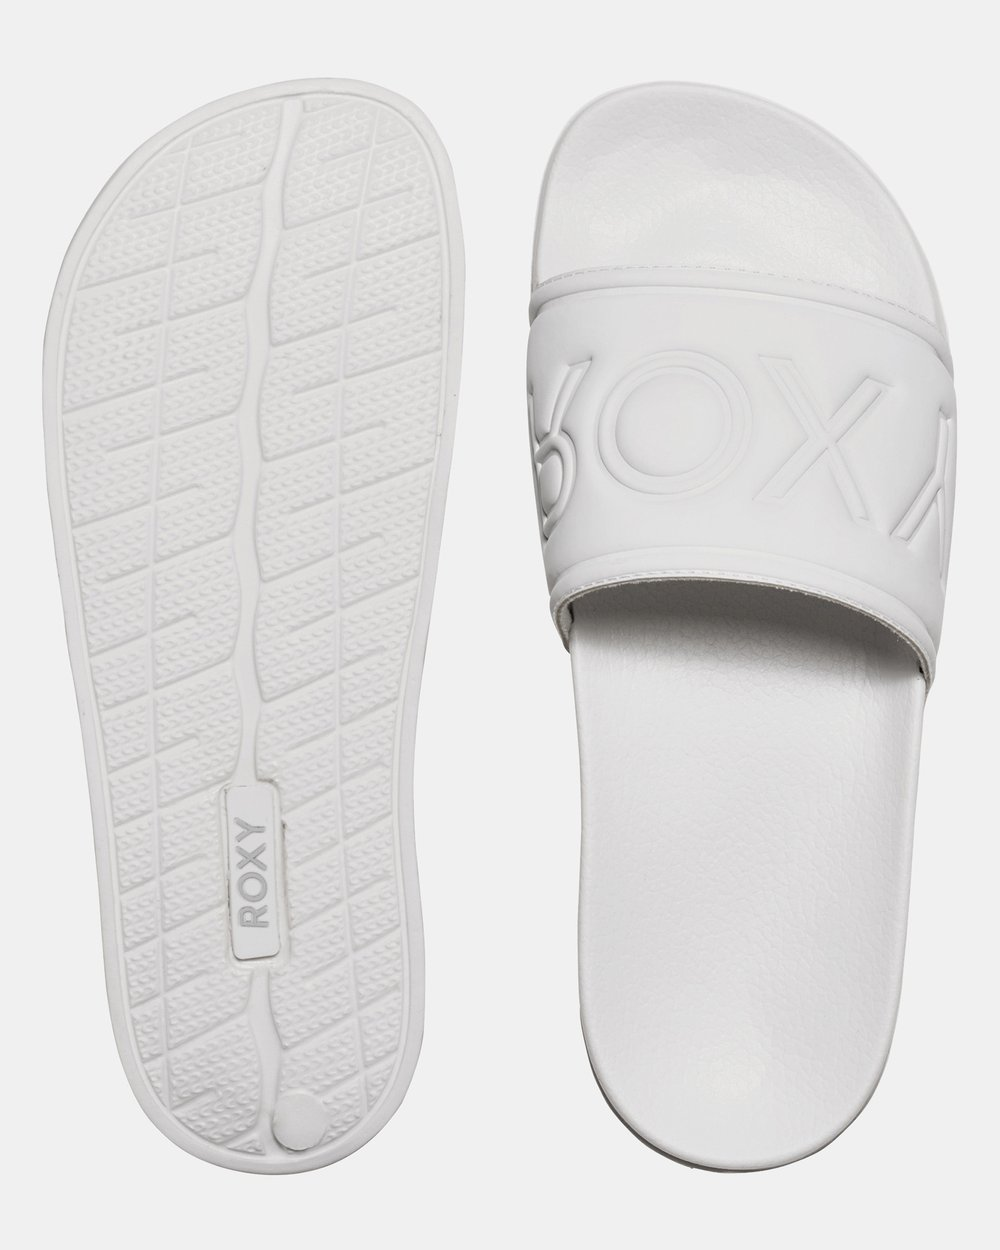 11455030d62 Womens Slippy Sandal by Roxy Online